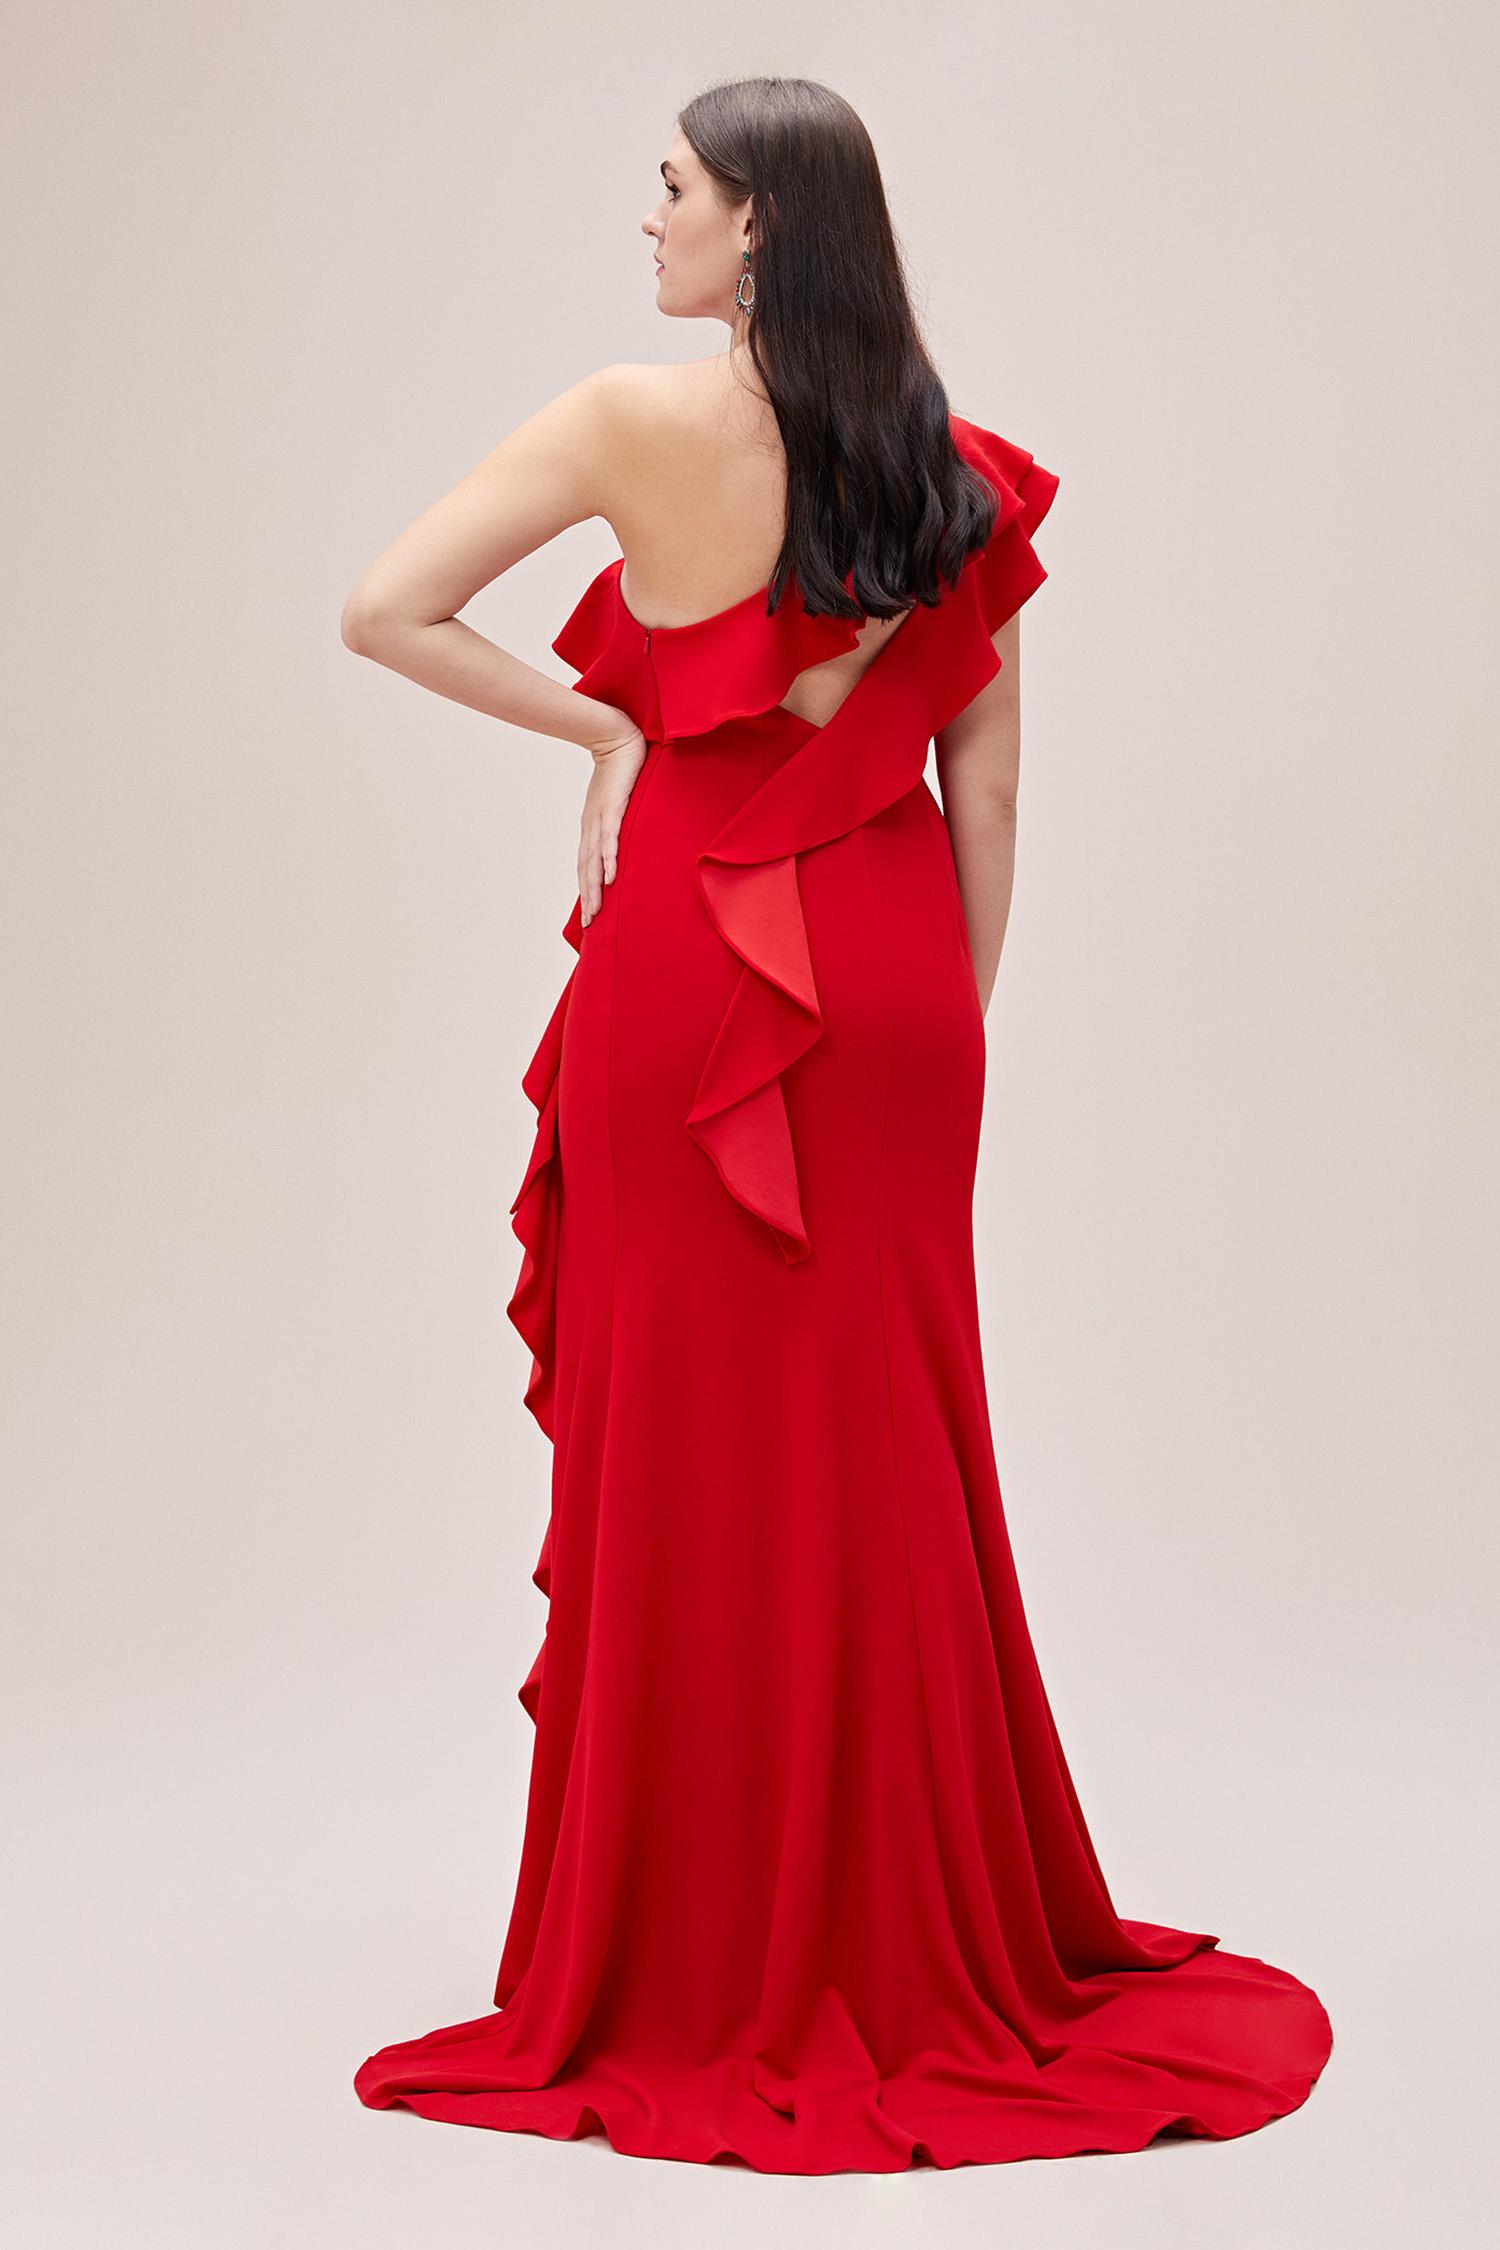 Kırmızı Tek Kollu Fırfırlı Uzun Büyük Beden Abiye Elbise - Thumbnail